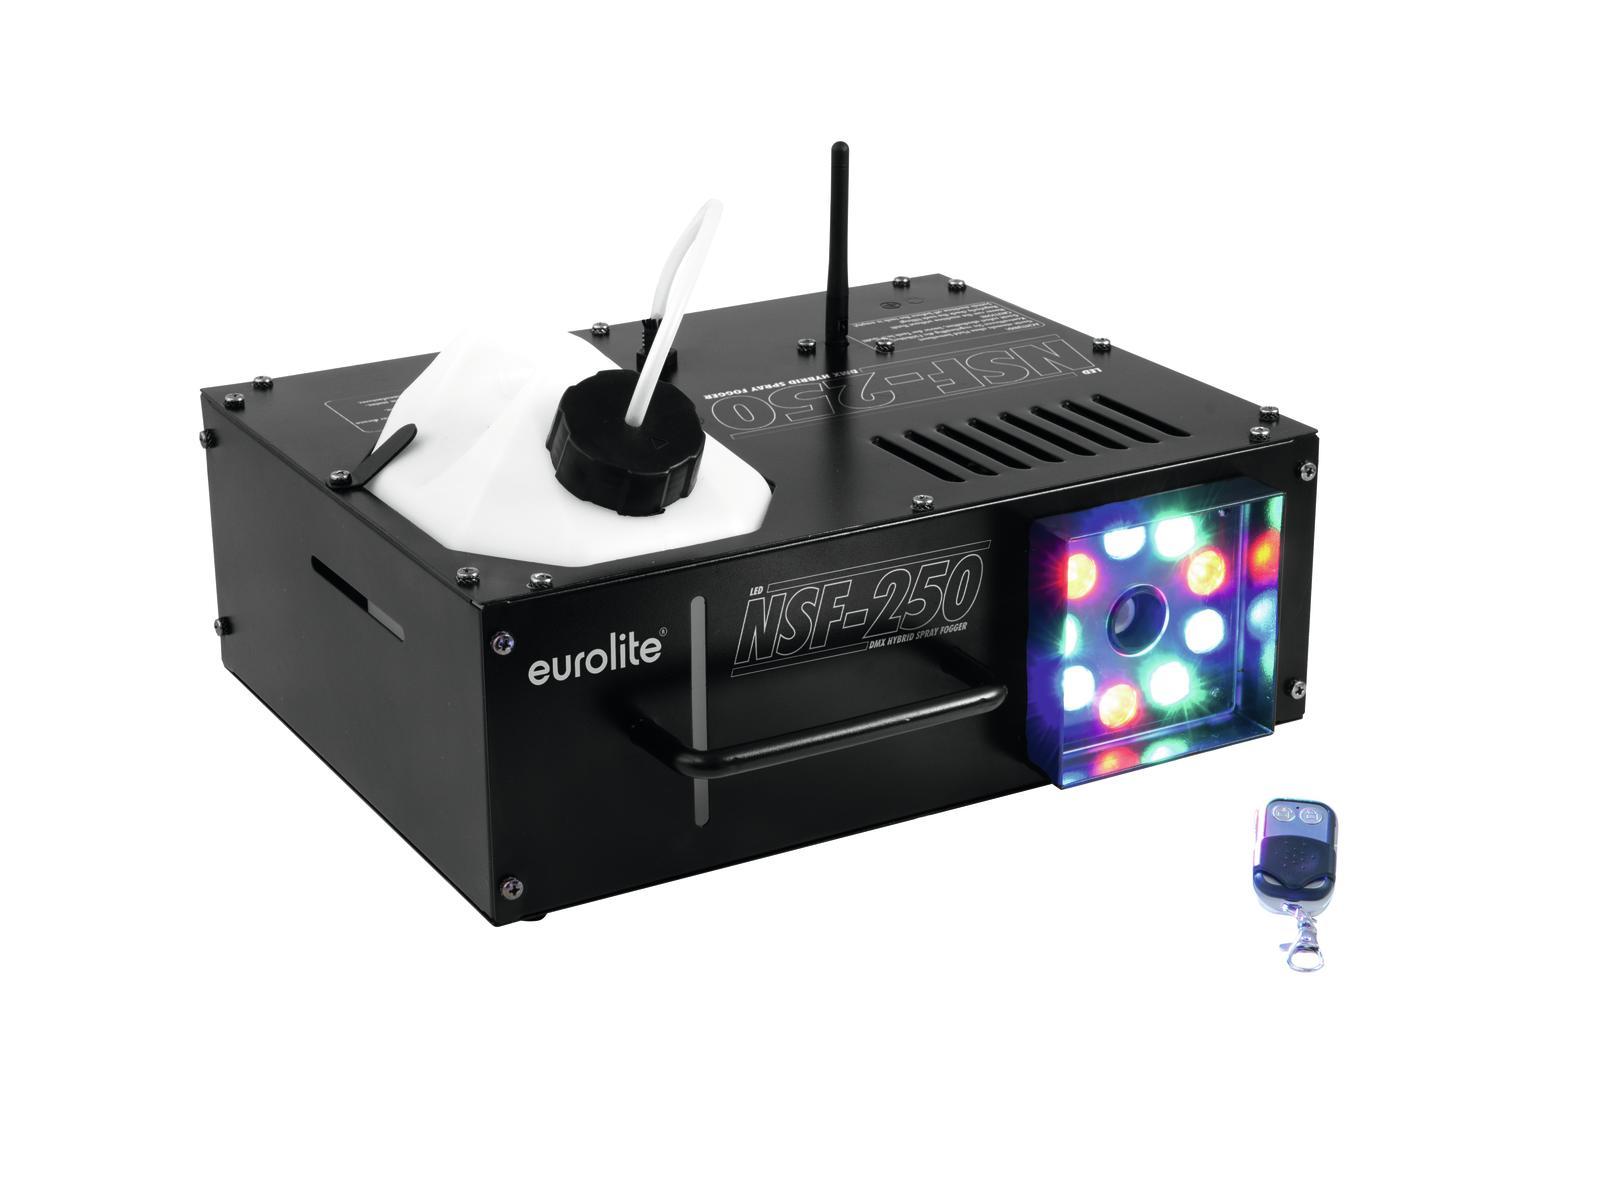 Eurolite NSF-250 LED DMX Hybridní výrobník mlhy s LED diody